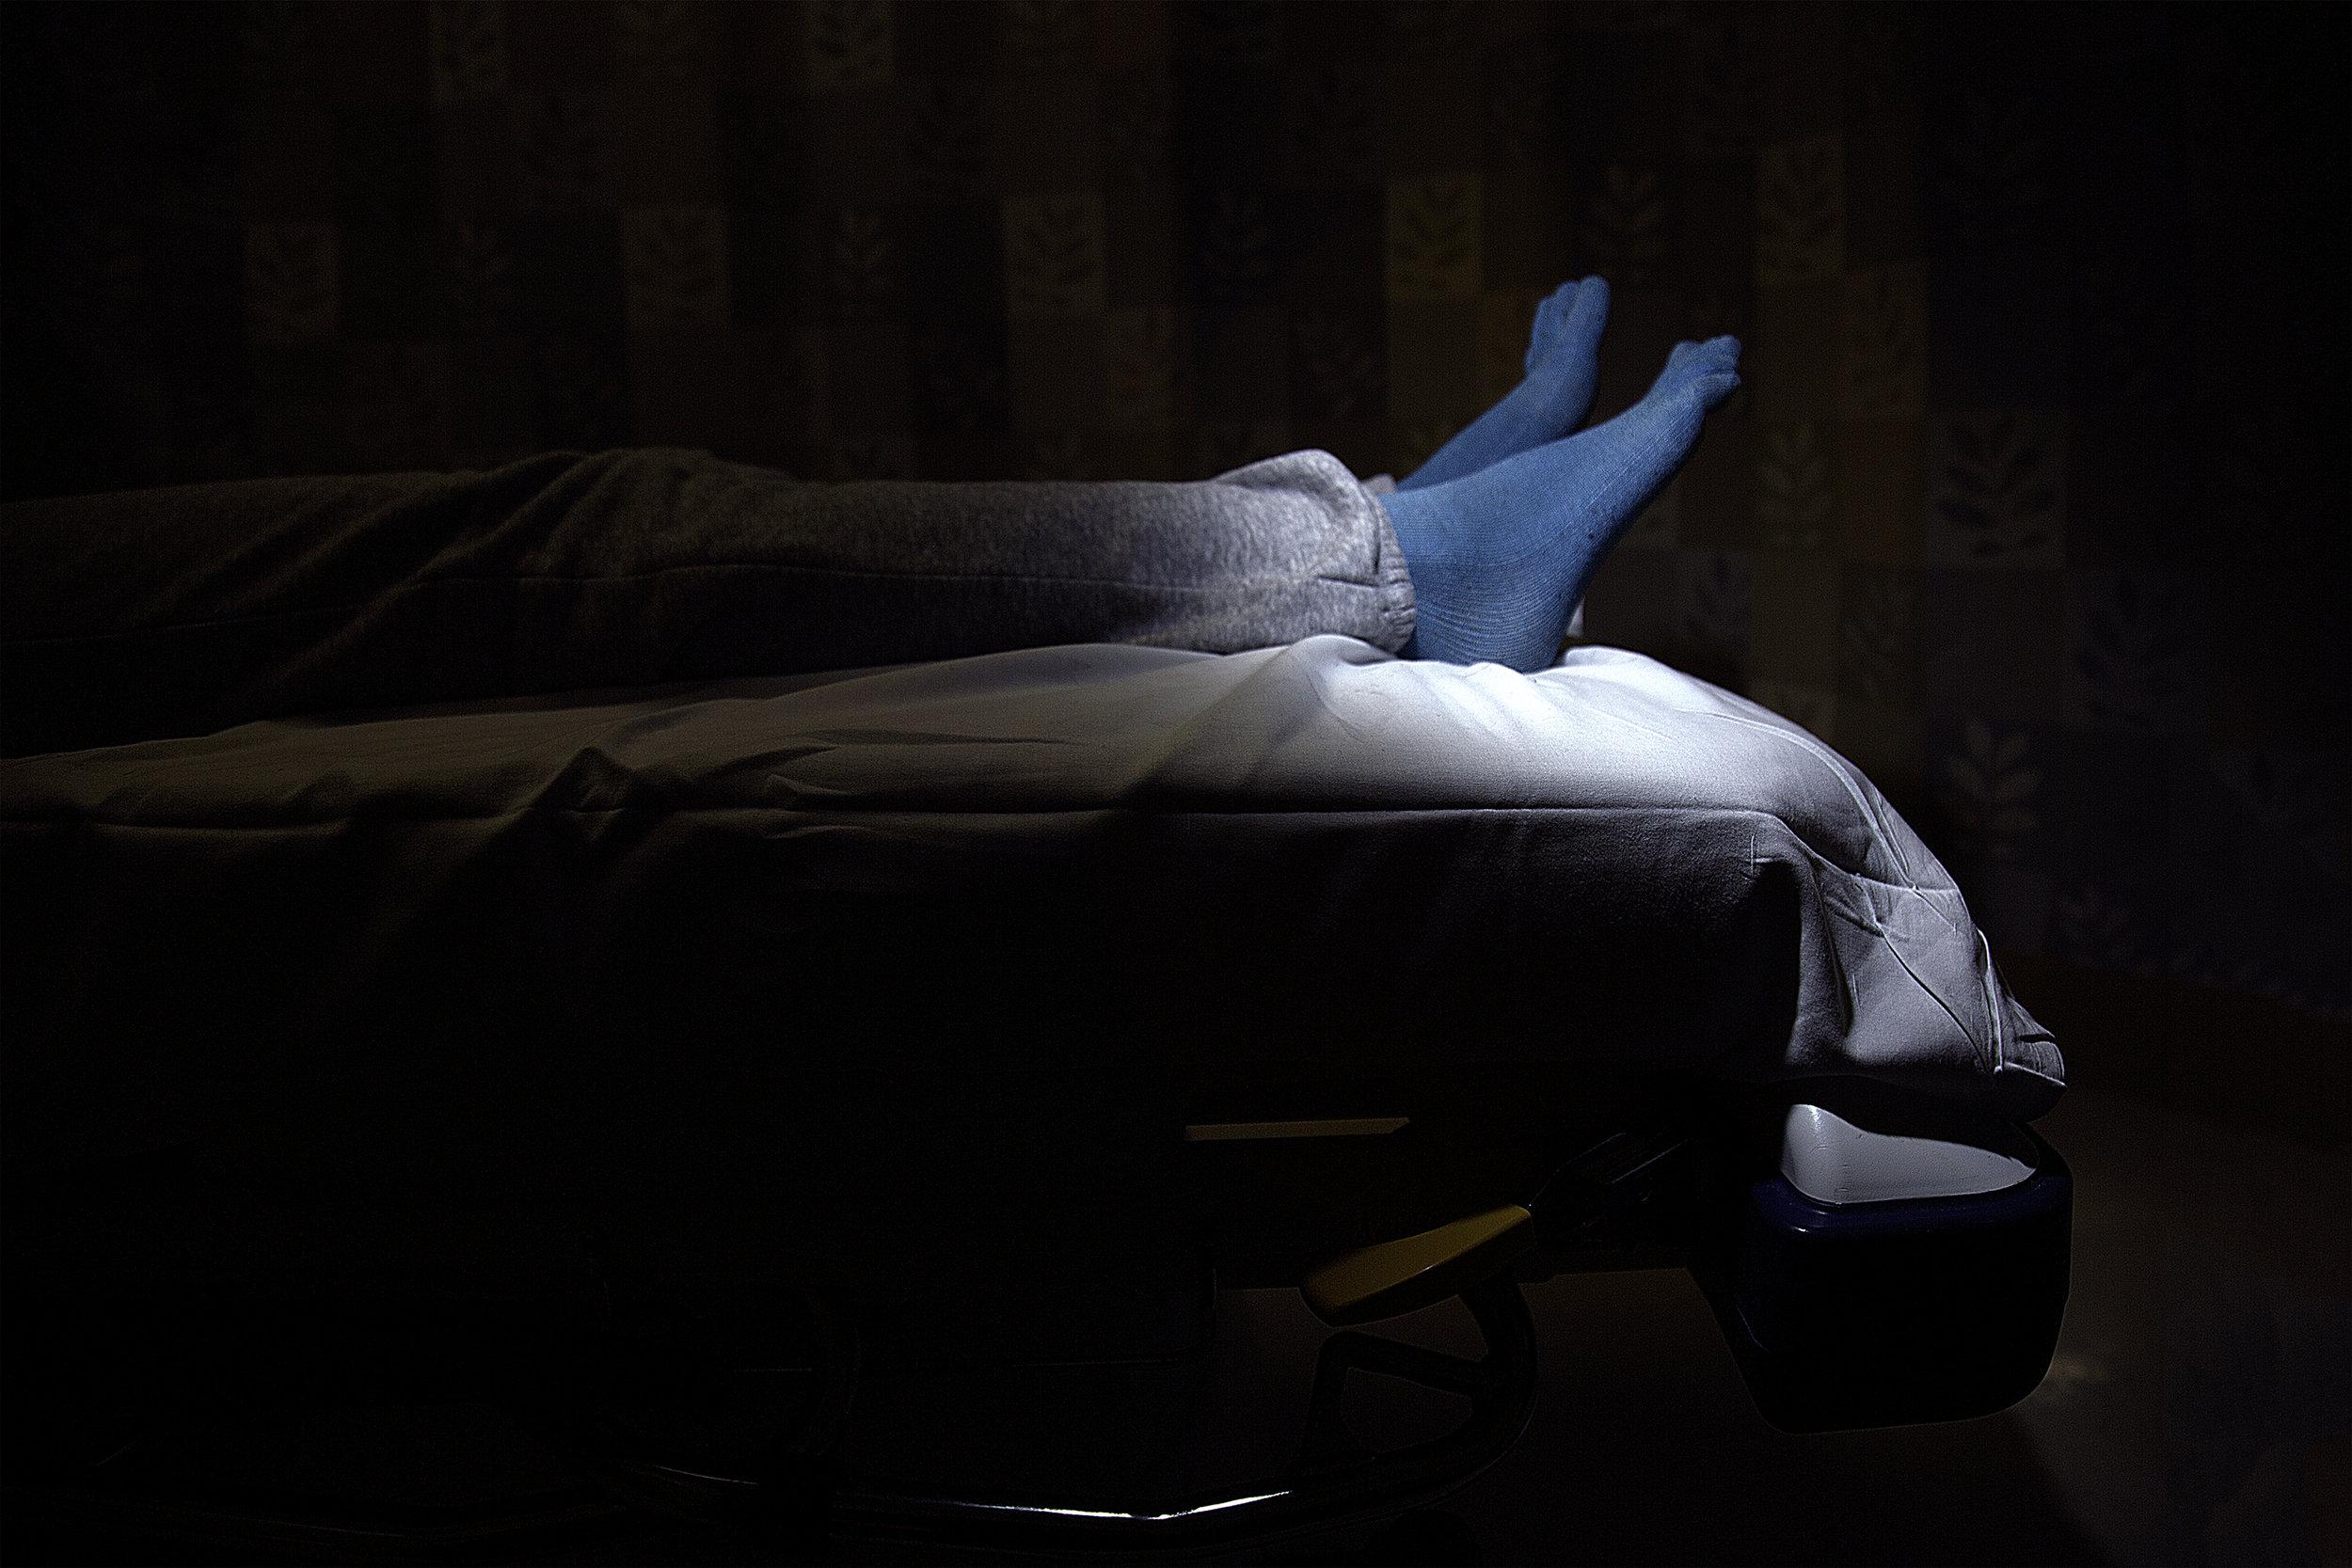 Emergency_Room_Feet.jpg